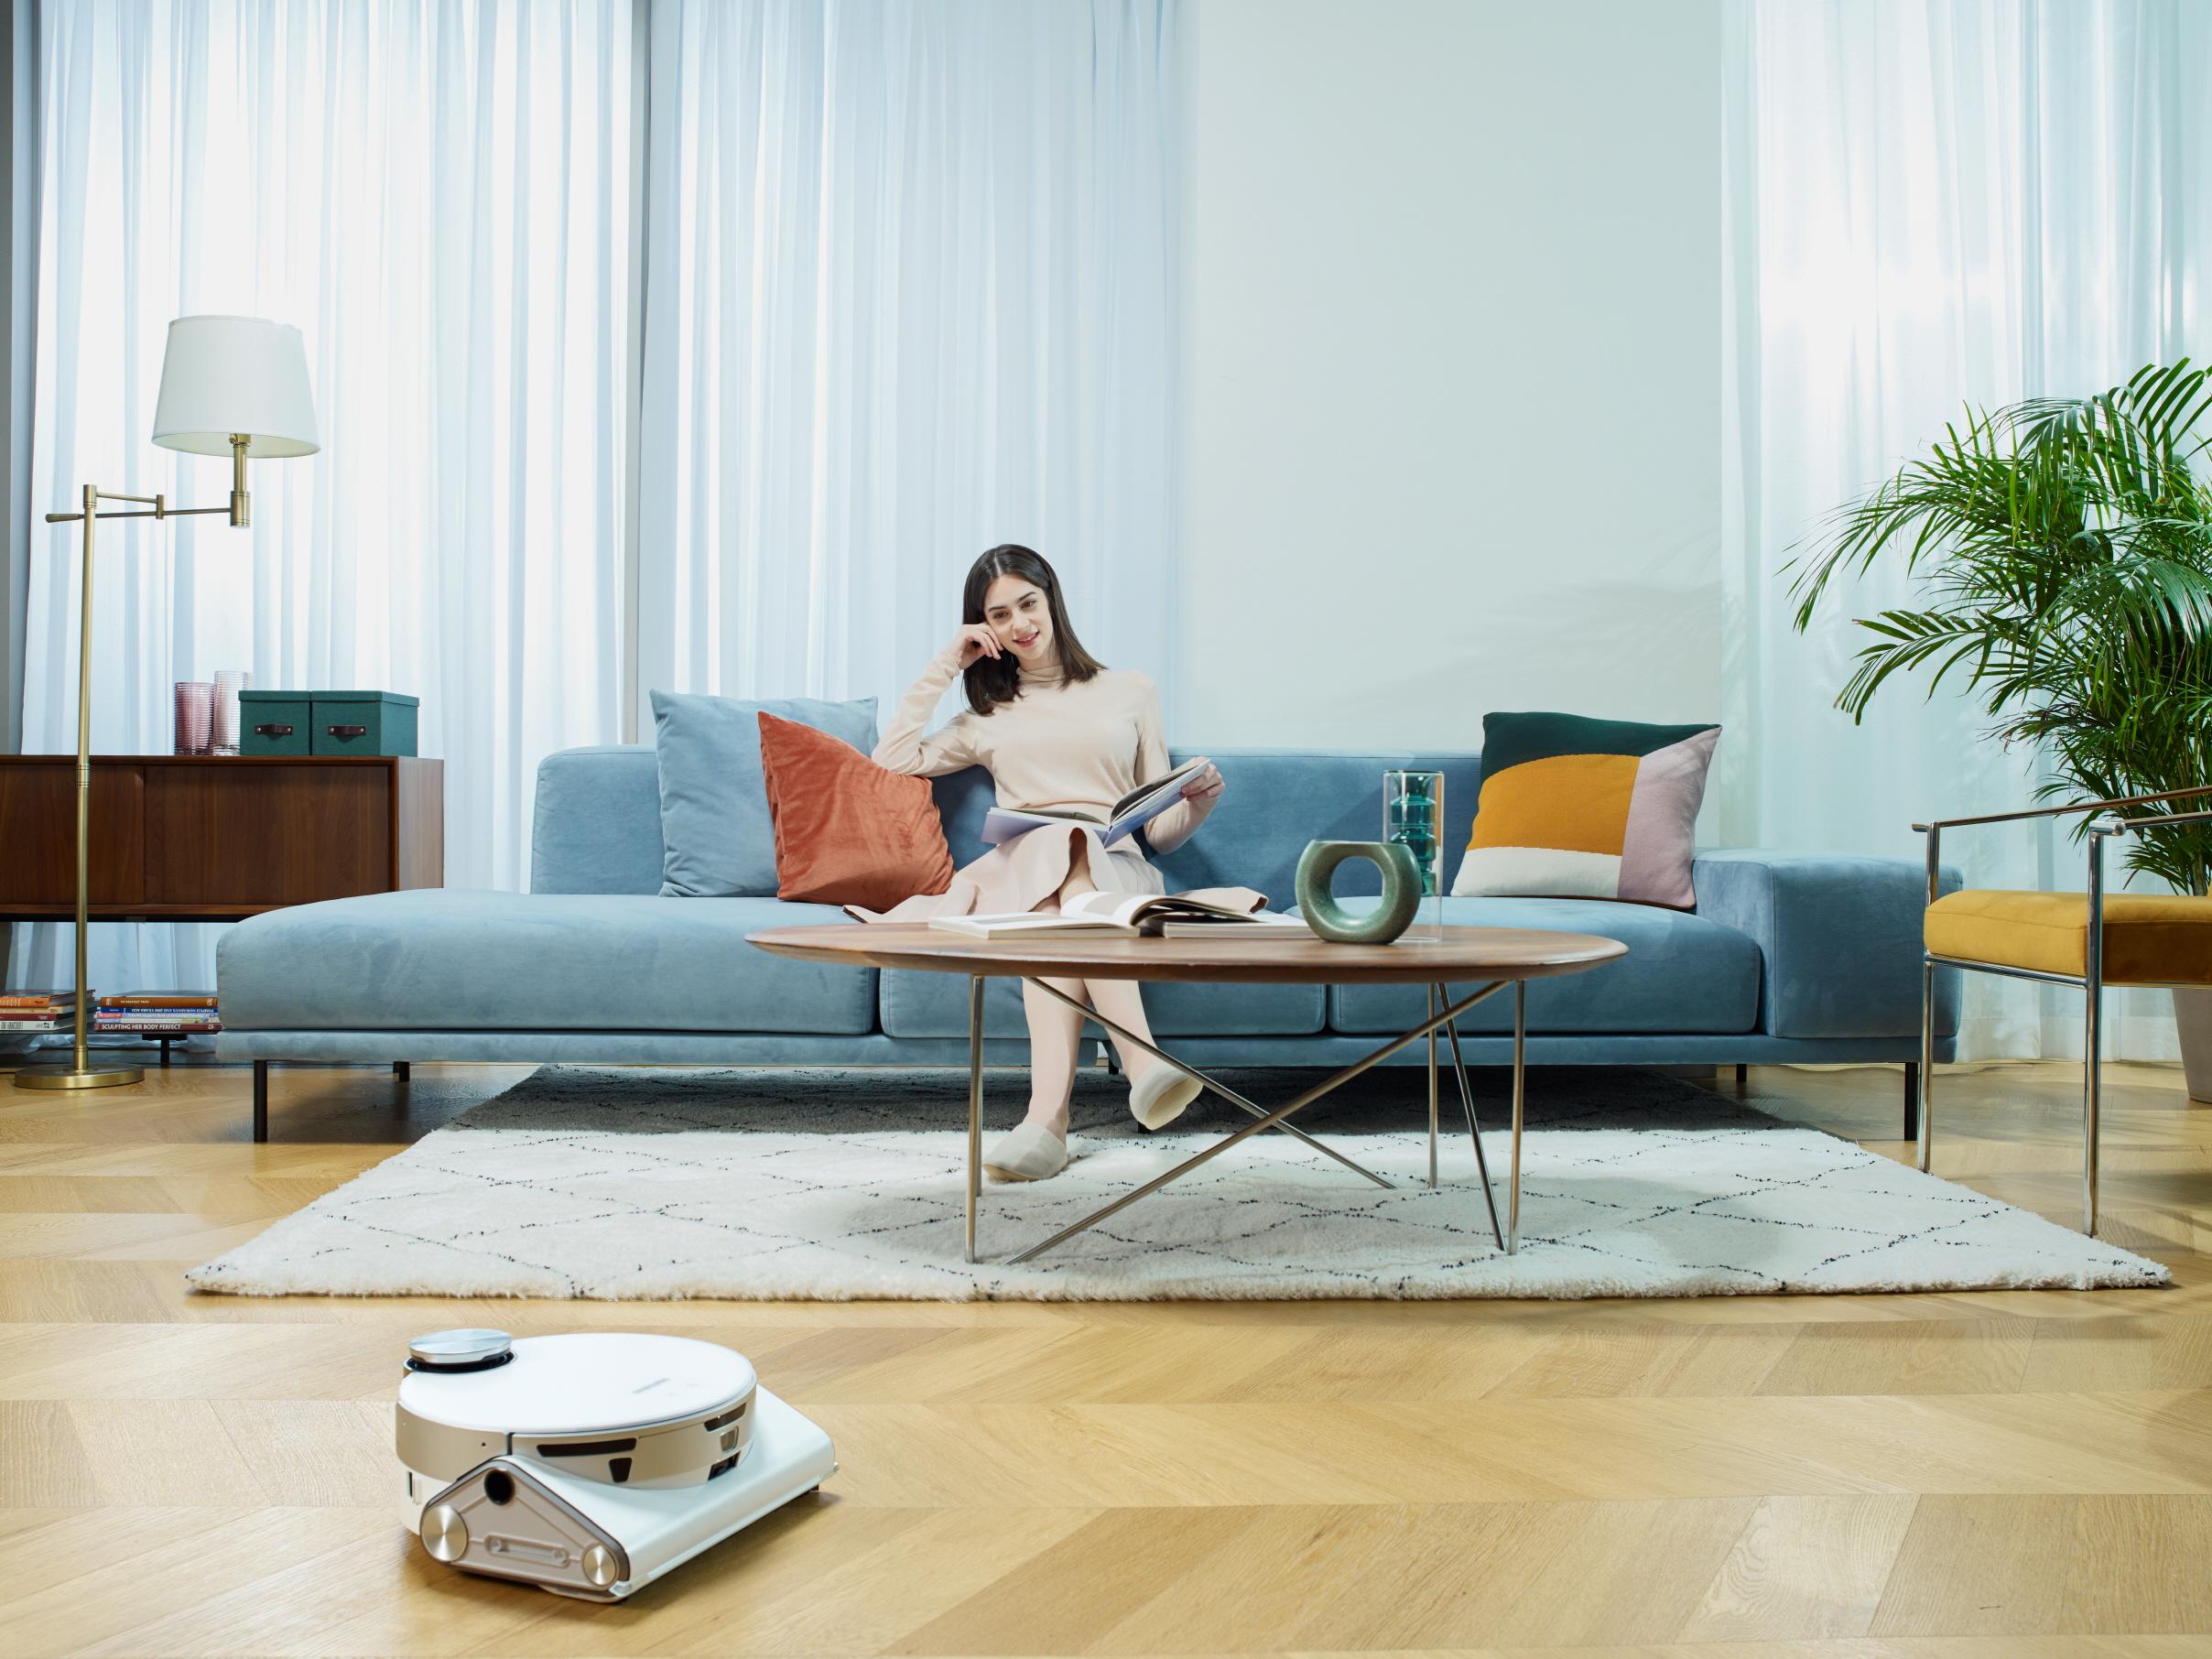 Przyszłość obowiązków domowych wg Samsung: roboty sprzątające oraz pralki i suszarki z wykorzystaniem sztucznej inteligencji